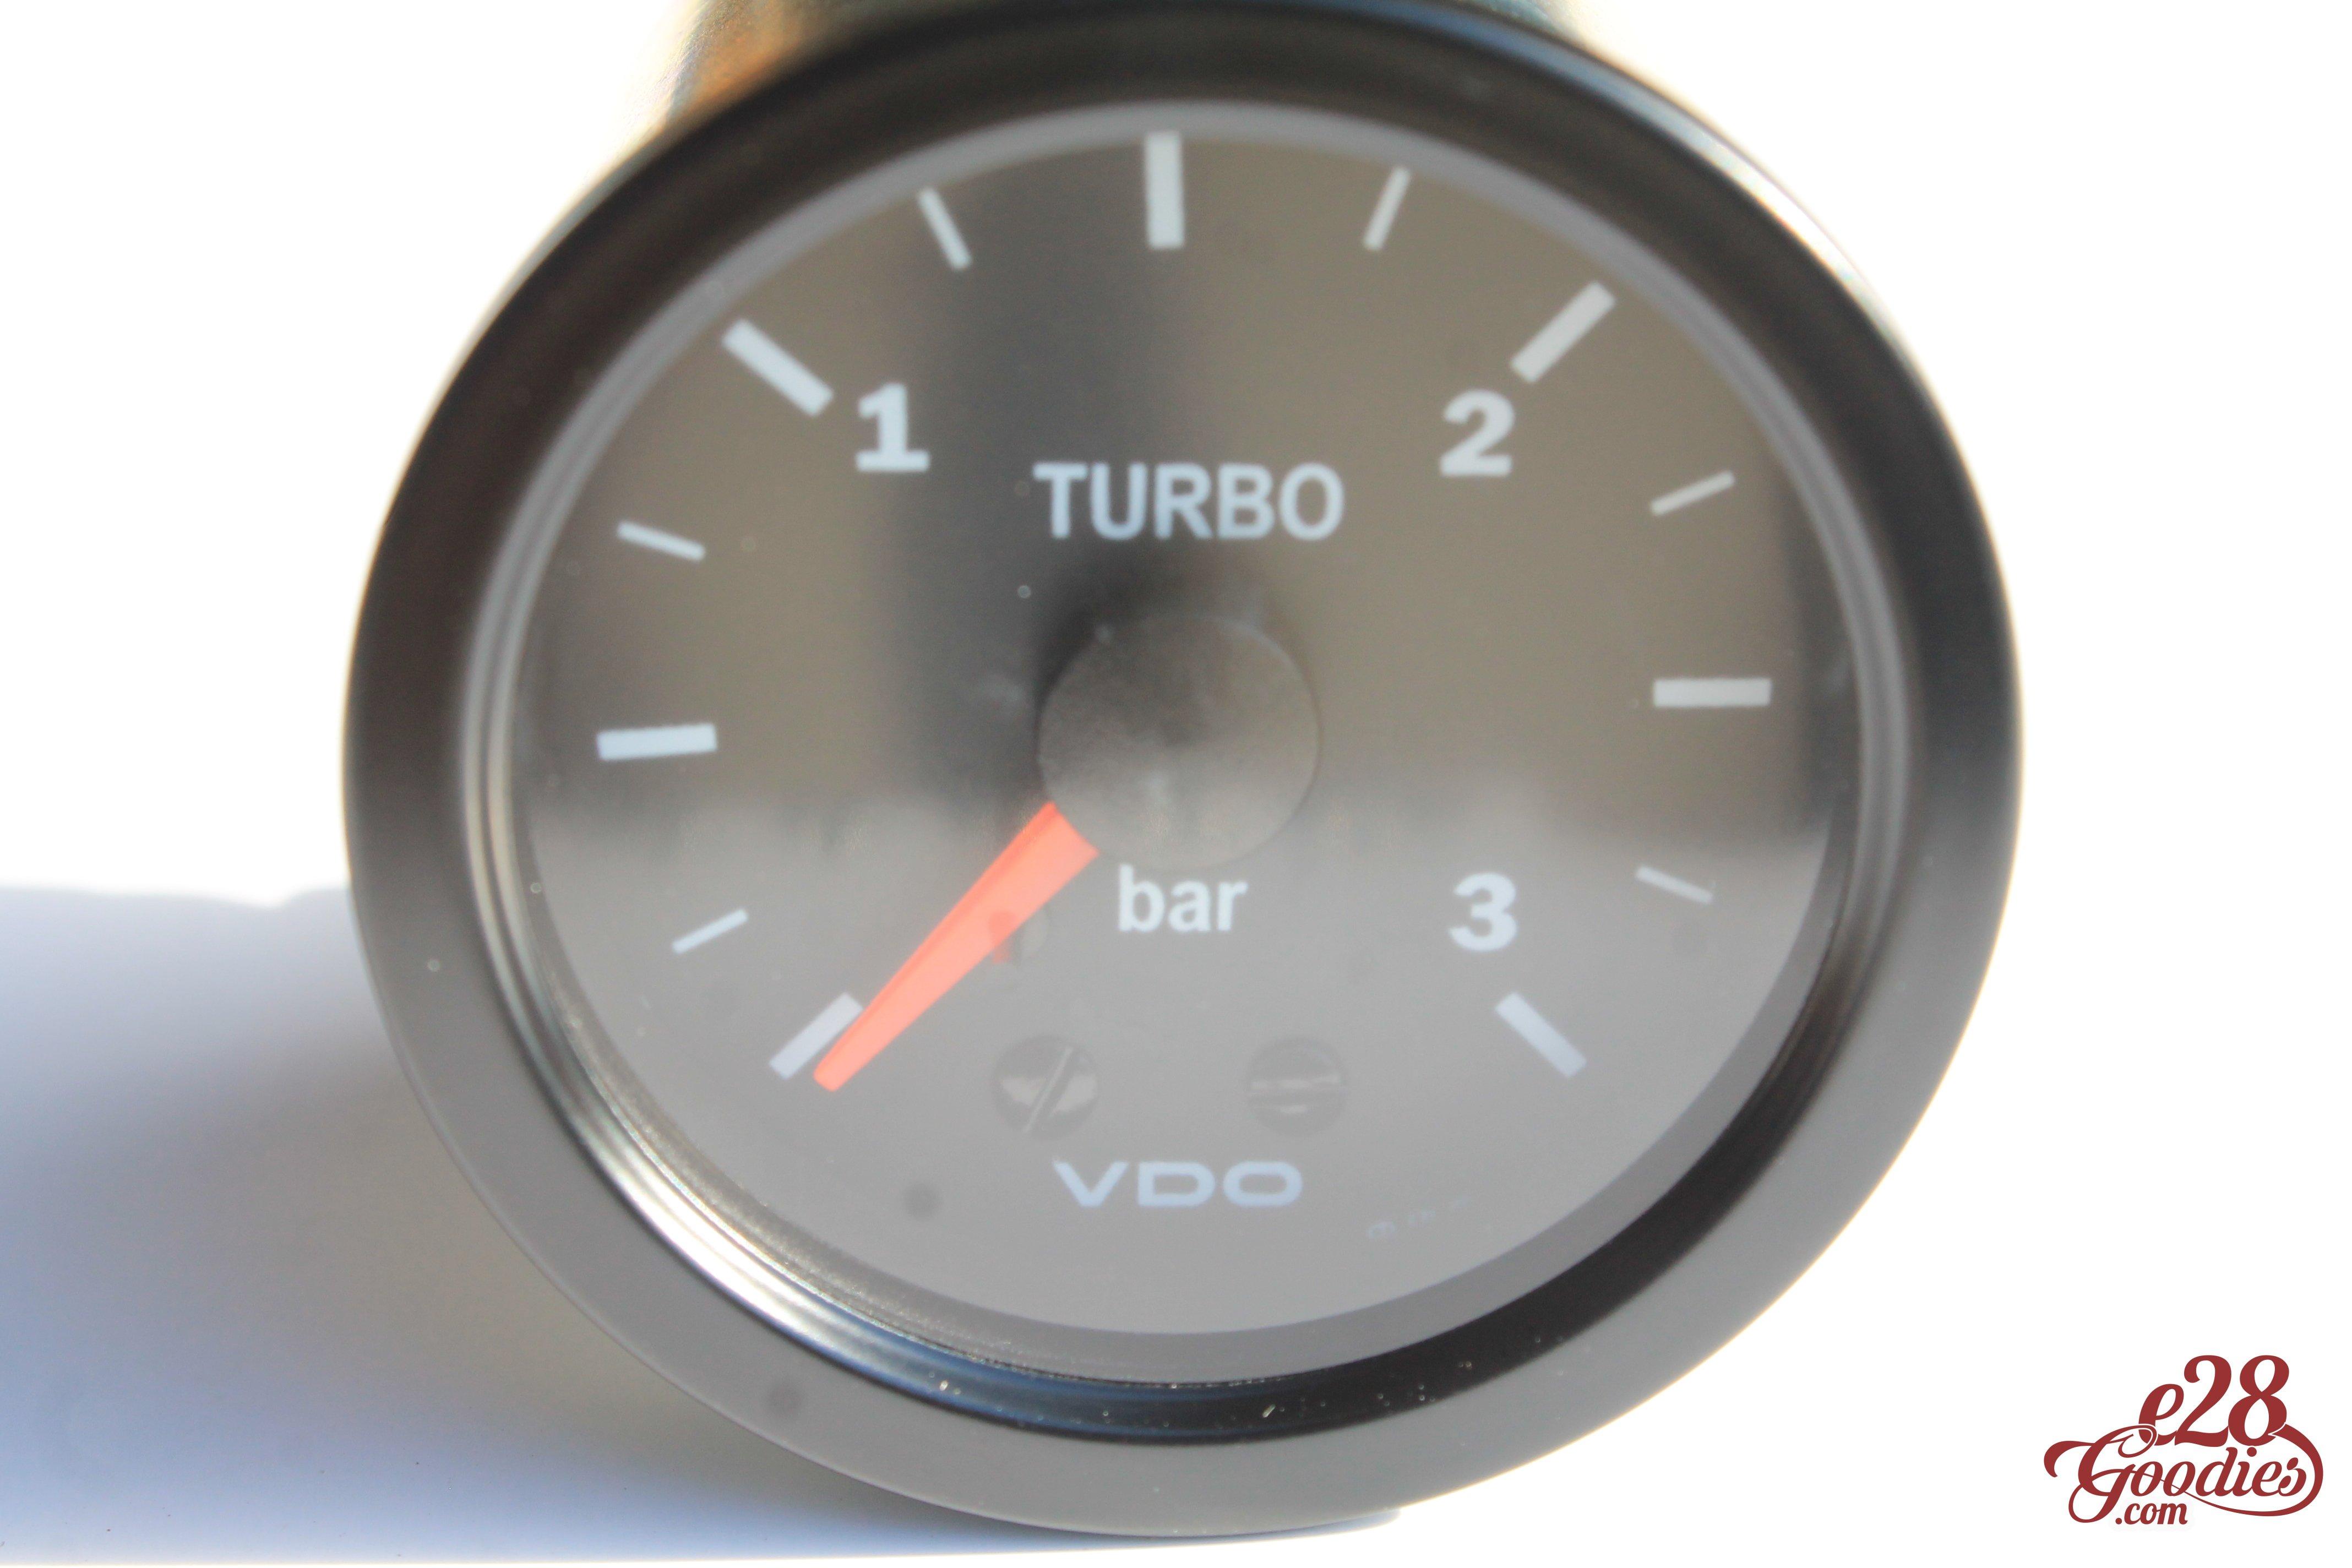 VDO 3 Bar Turbo pressure gauge /for diesels/